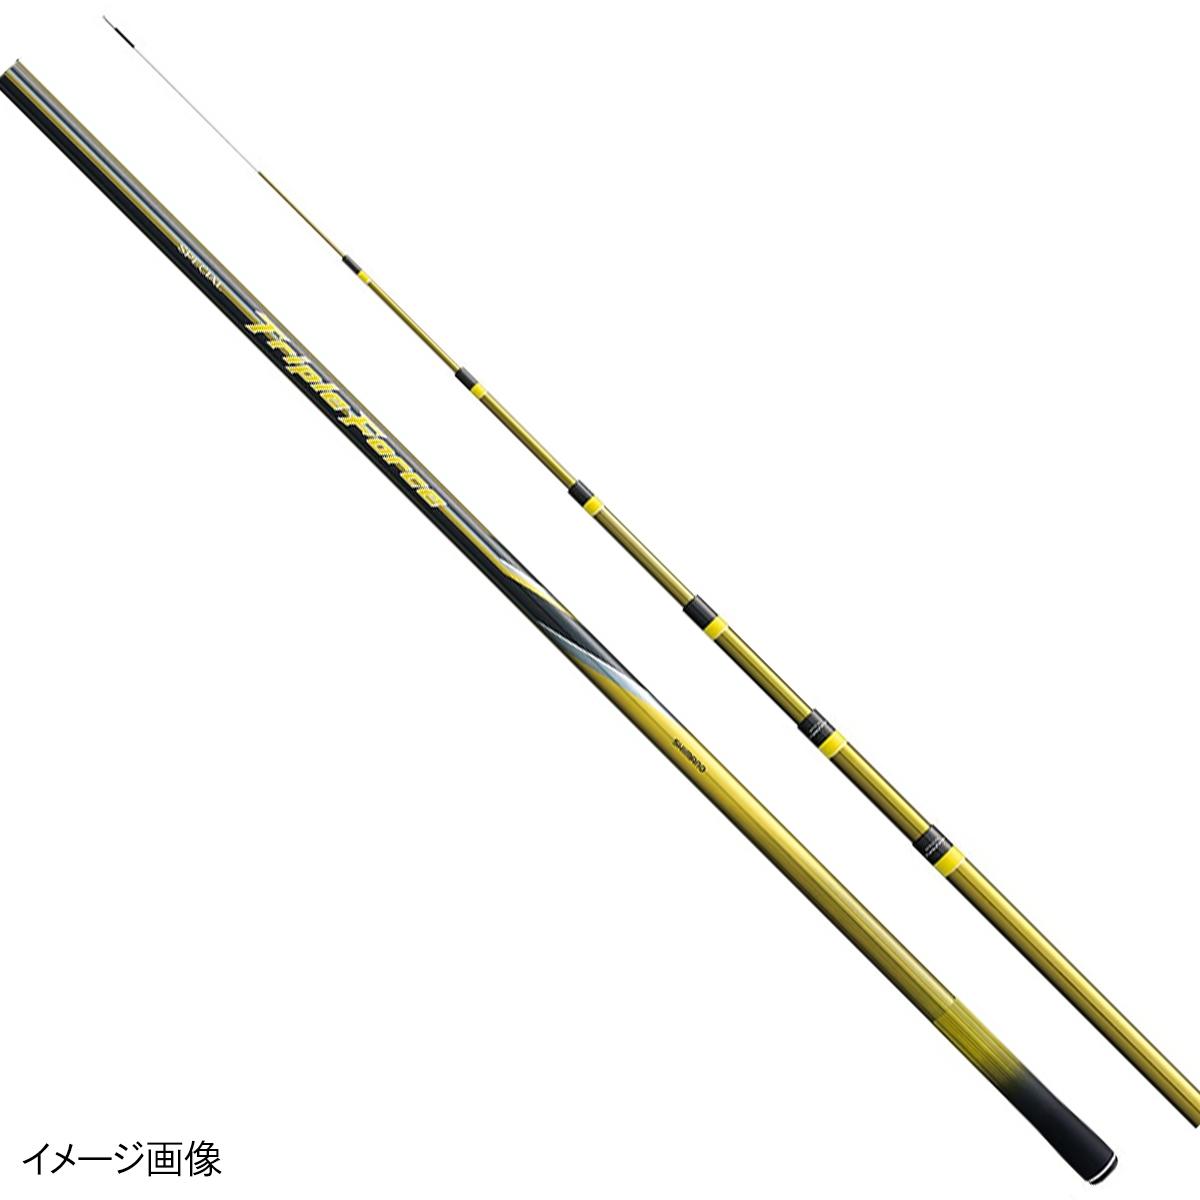 シマノ スペシャル トリプルフォース 急瀬G 90NM【送料無料】